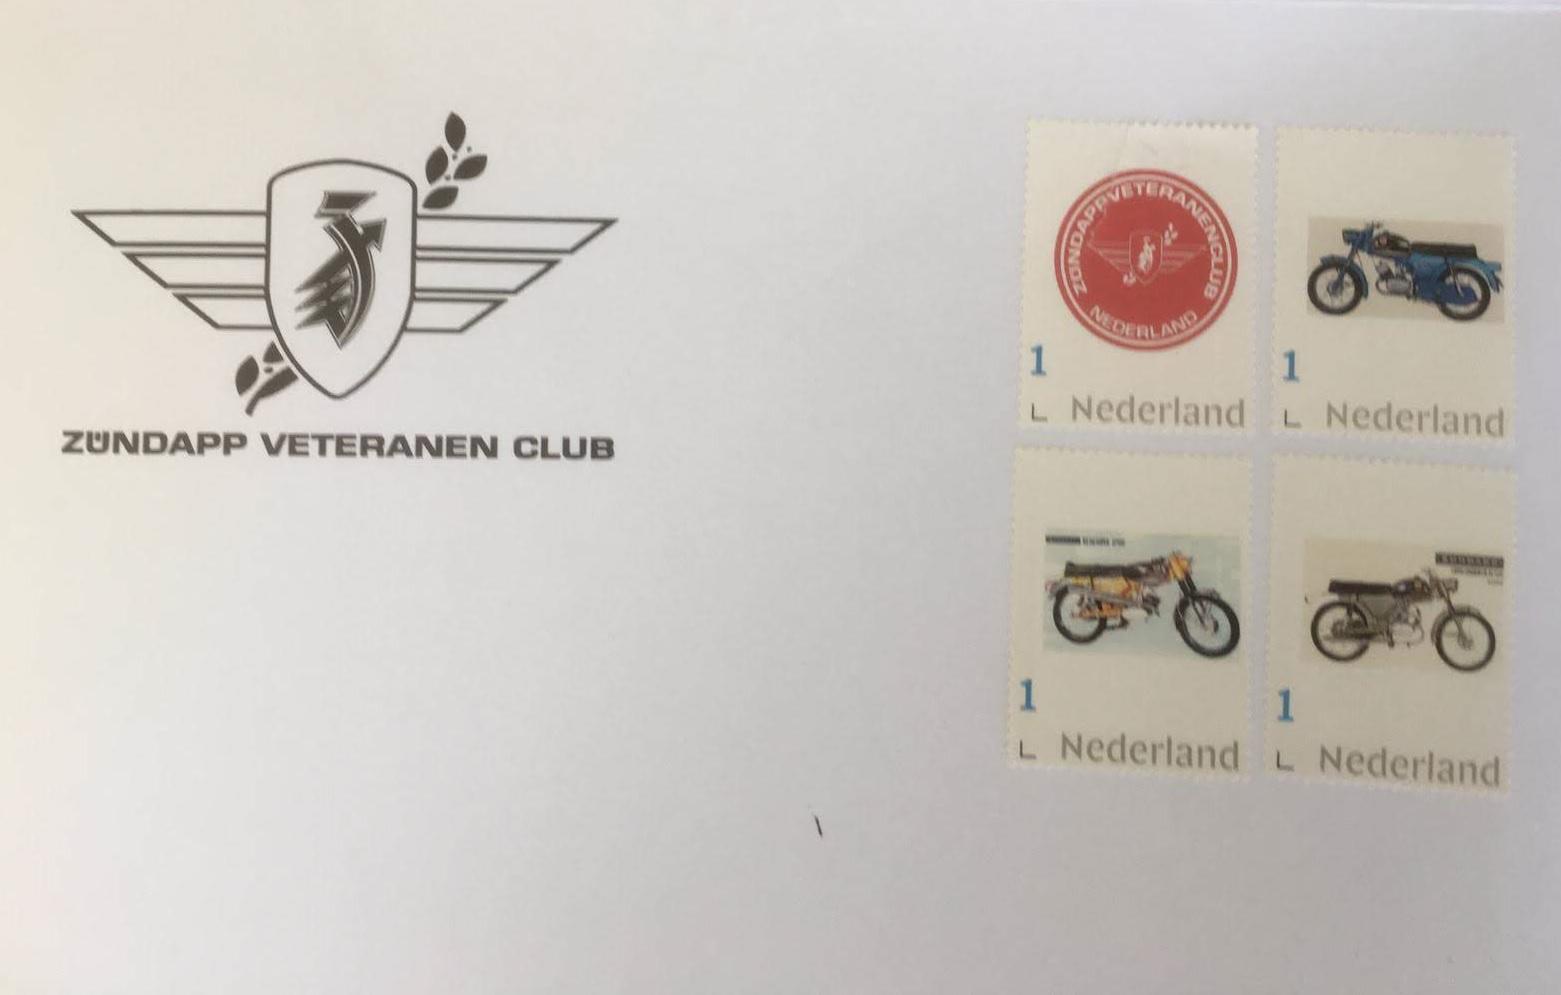 Zundapp Veteranen Club postzegels